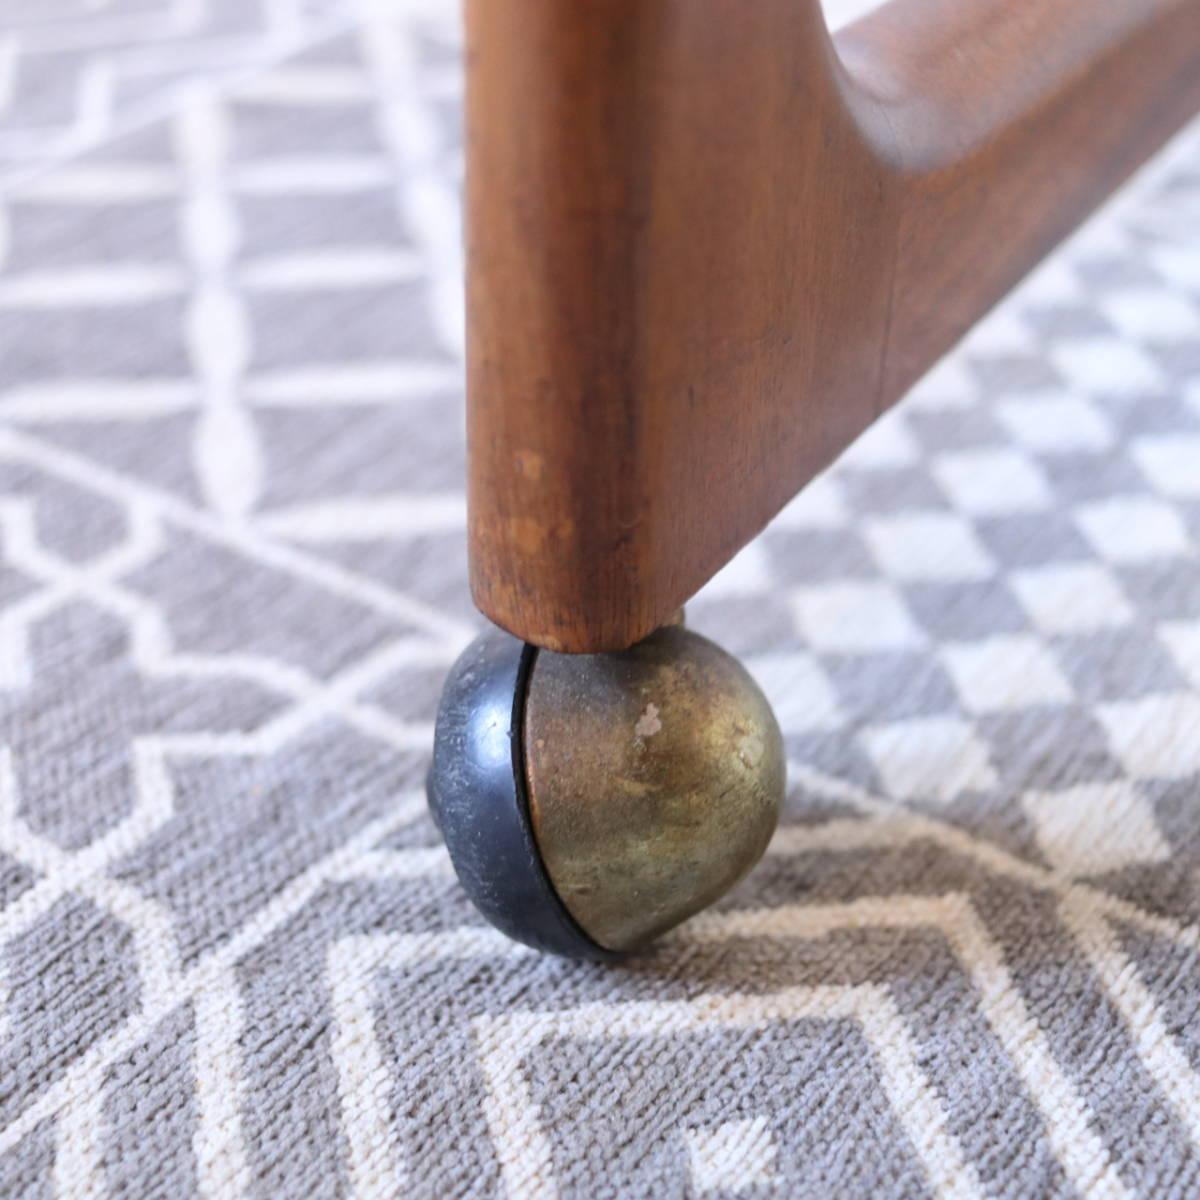 【天板剥離・再塗装メンテ済】イギリス McINTOSH社製 ビンテージ ネストテーブル/ERCOL G-PLAN アンティーク コーヒーテーブル 北欧_画像10